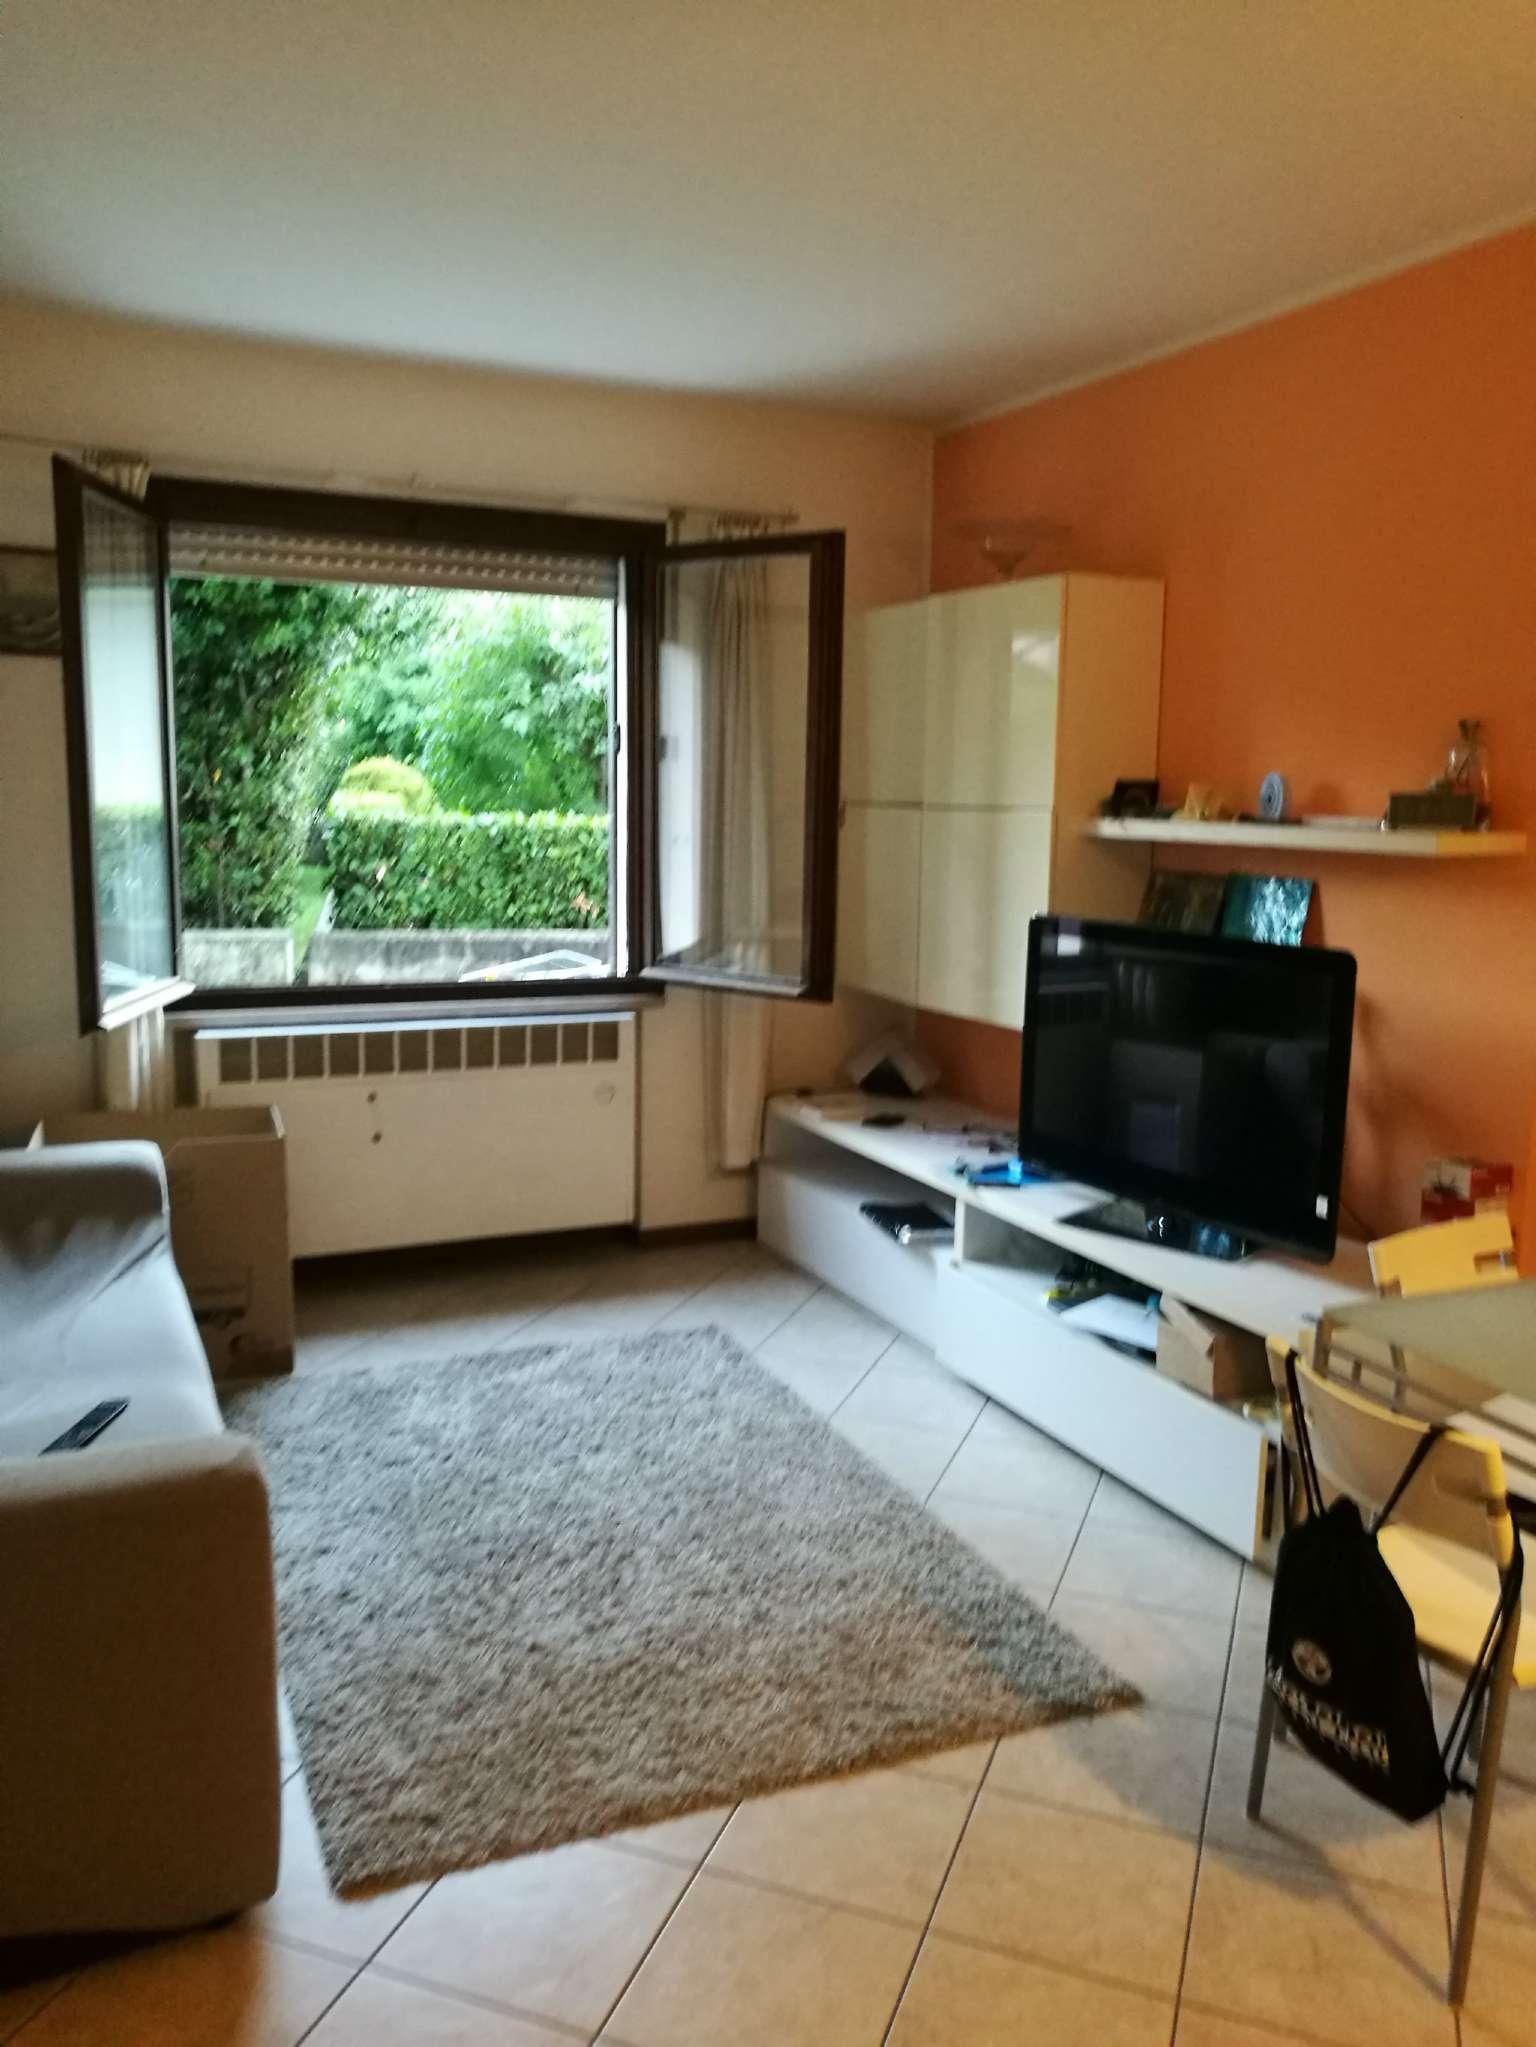 Appartamento in vendita a Castelfranco Veneto, 3 locali, prezzo € 85.000   CambioCasa.it